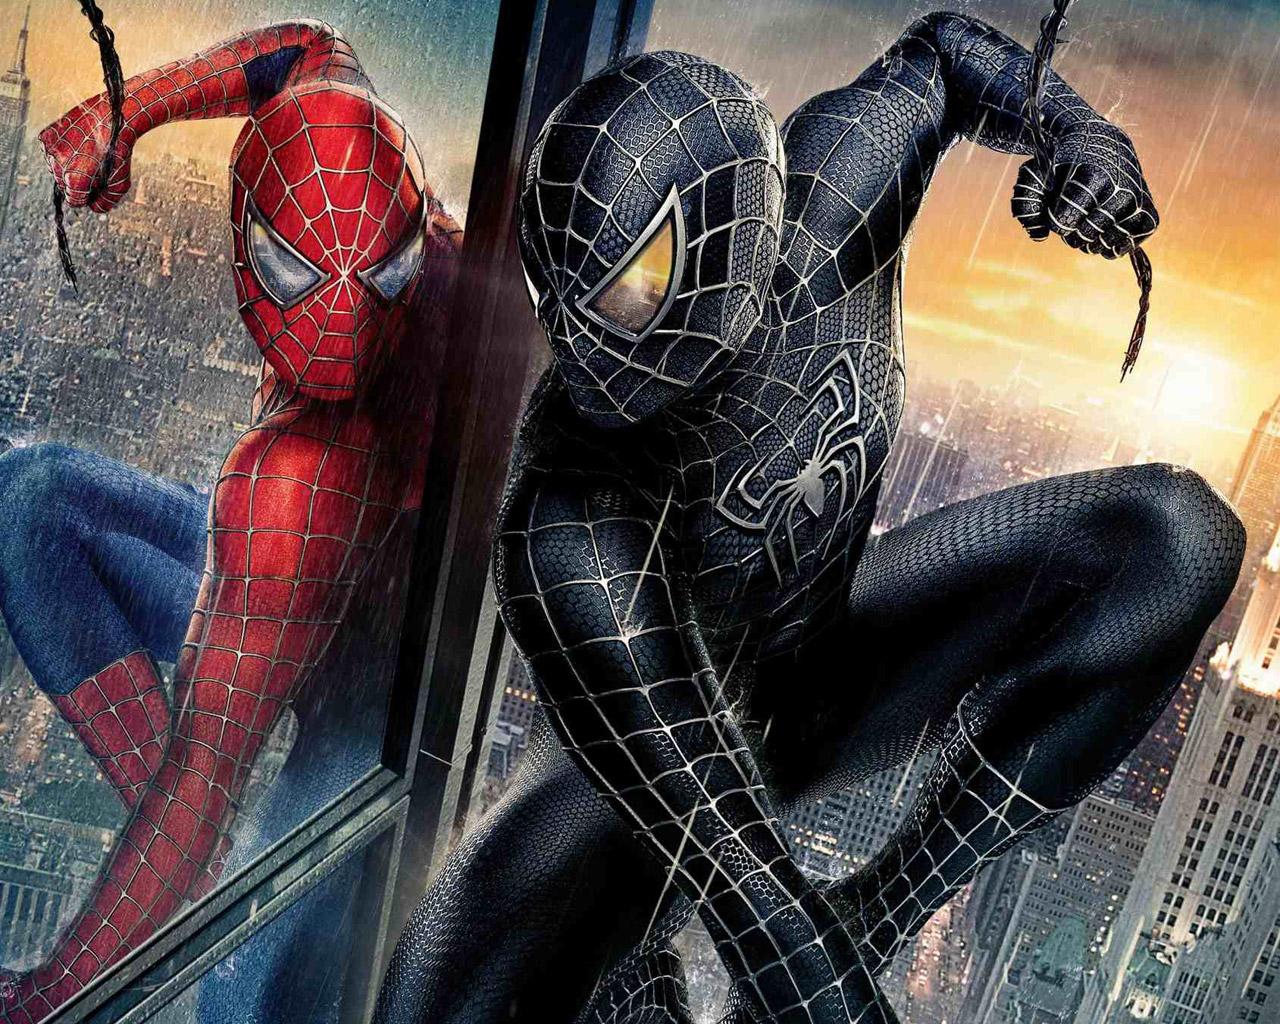 http://4.bp.blogspot.com/-7SsJq6Jxz68/TmfDwgHcT_I/AAAAAAAAEQY/PSYuBihxx0w/s1600/Spiderman+wallpaper+hd+2.jpg